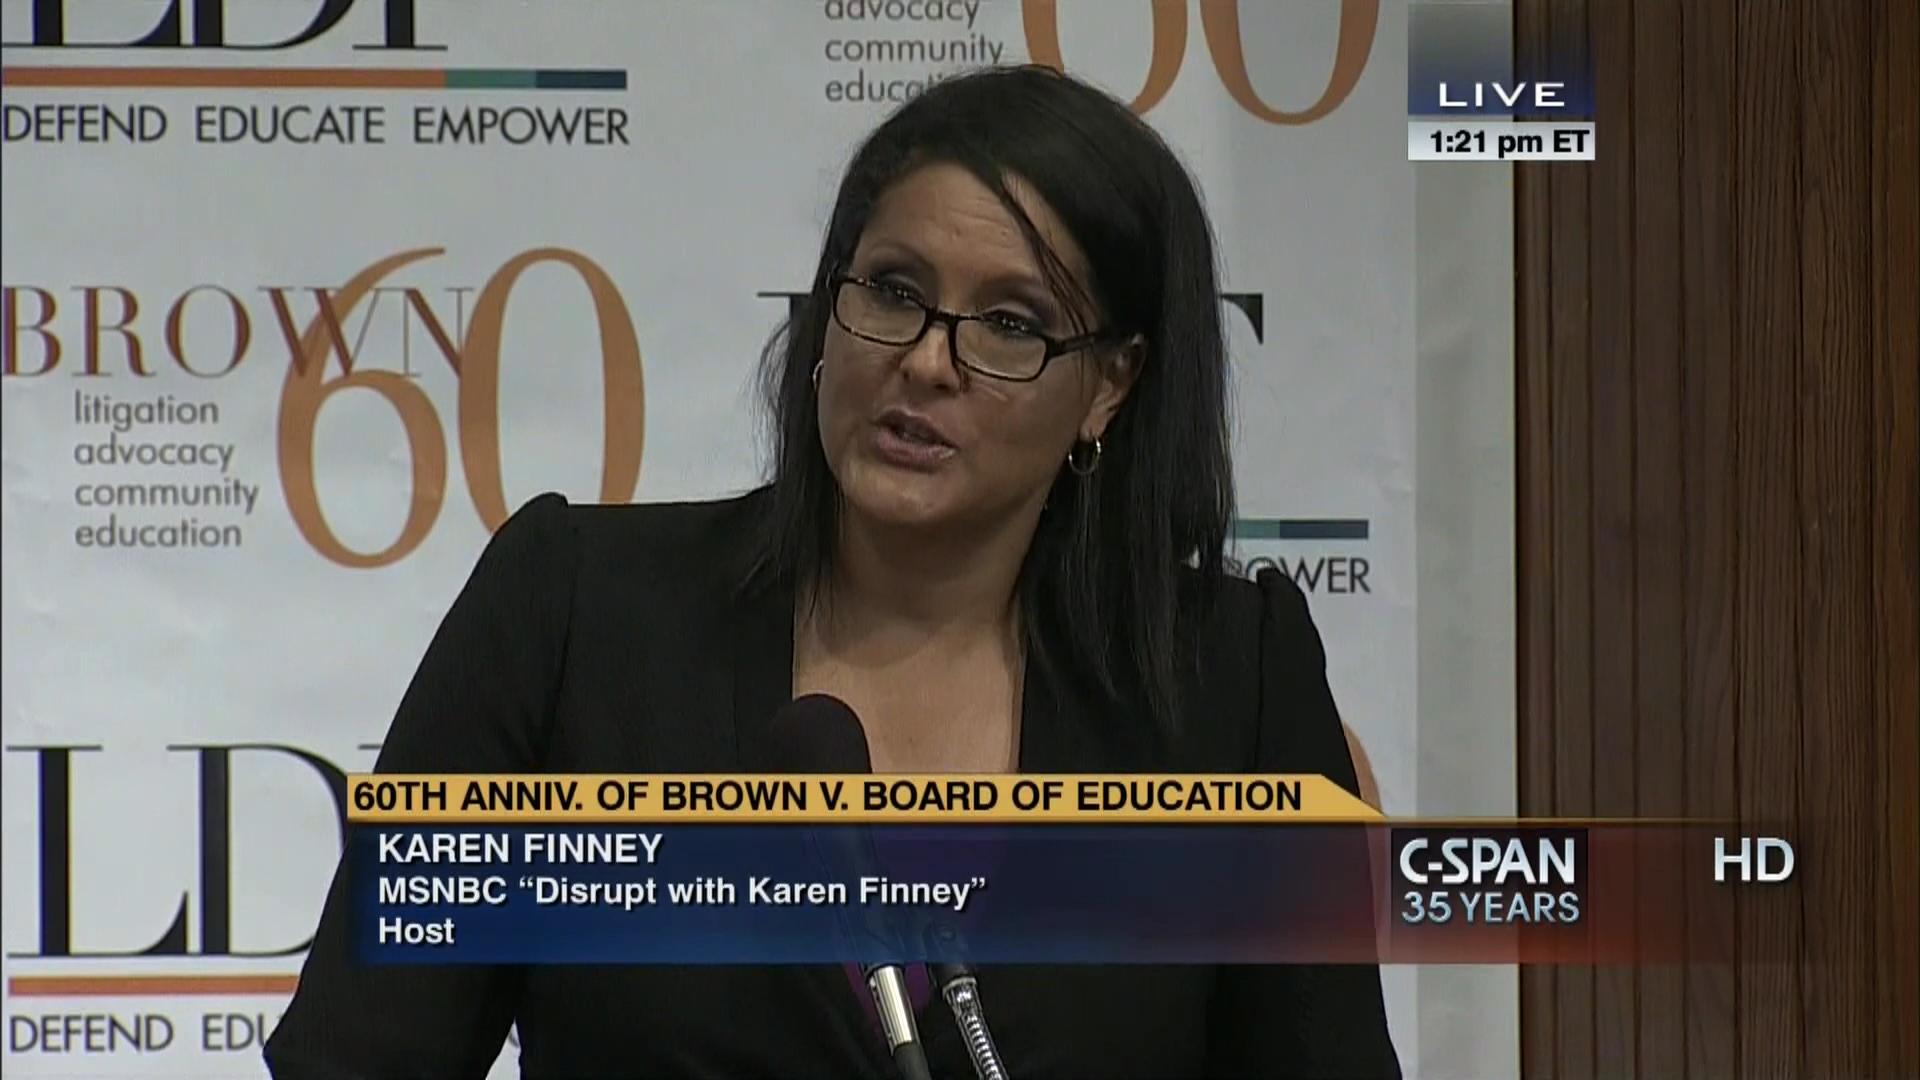 Disrupt with Karen Finney MSNBC